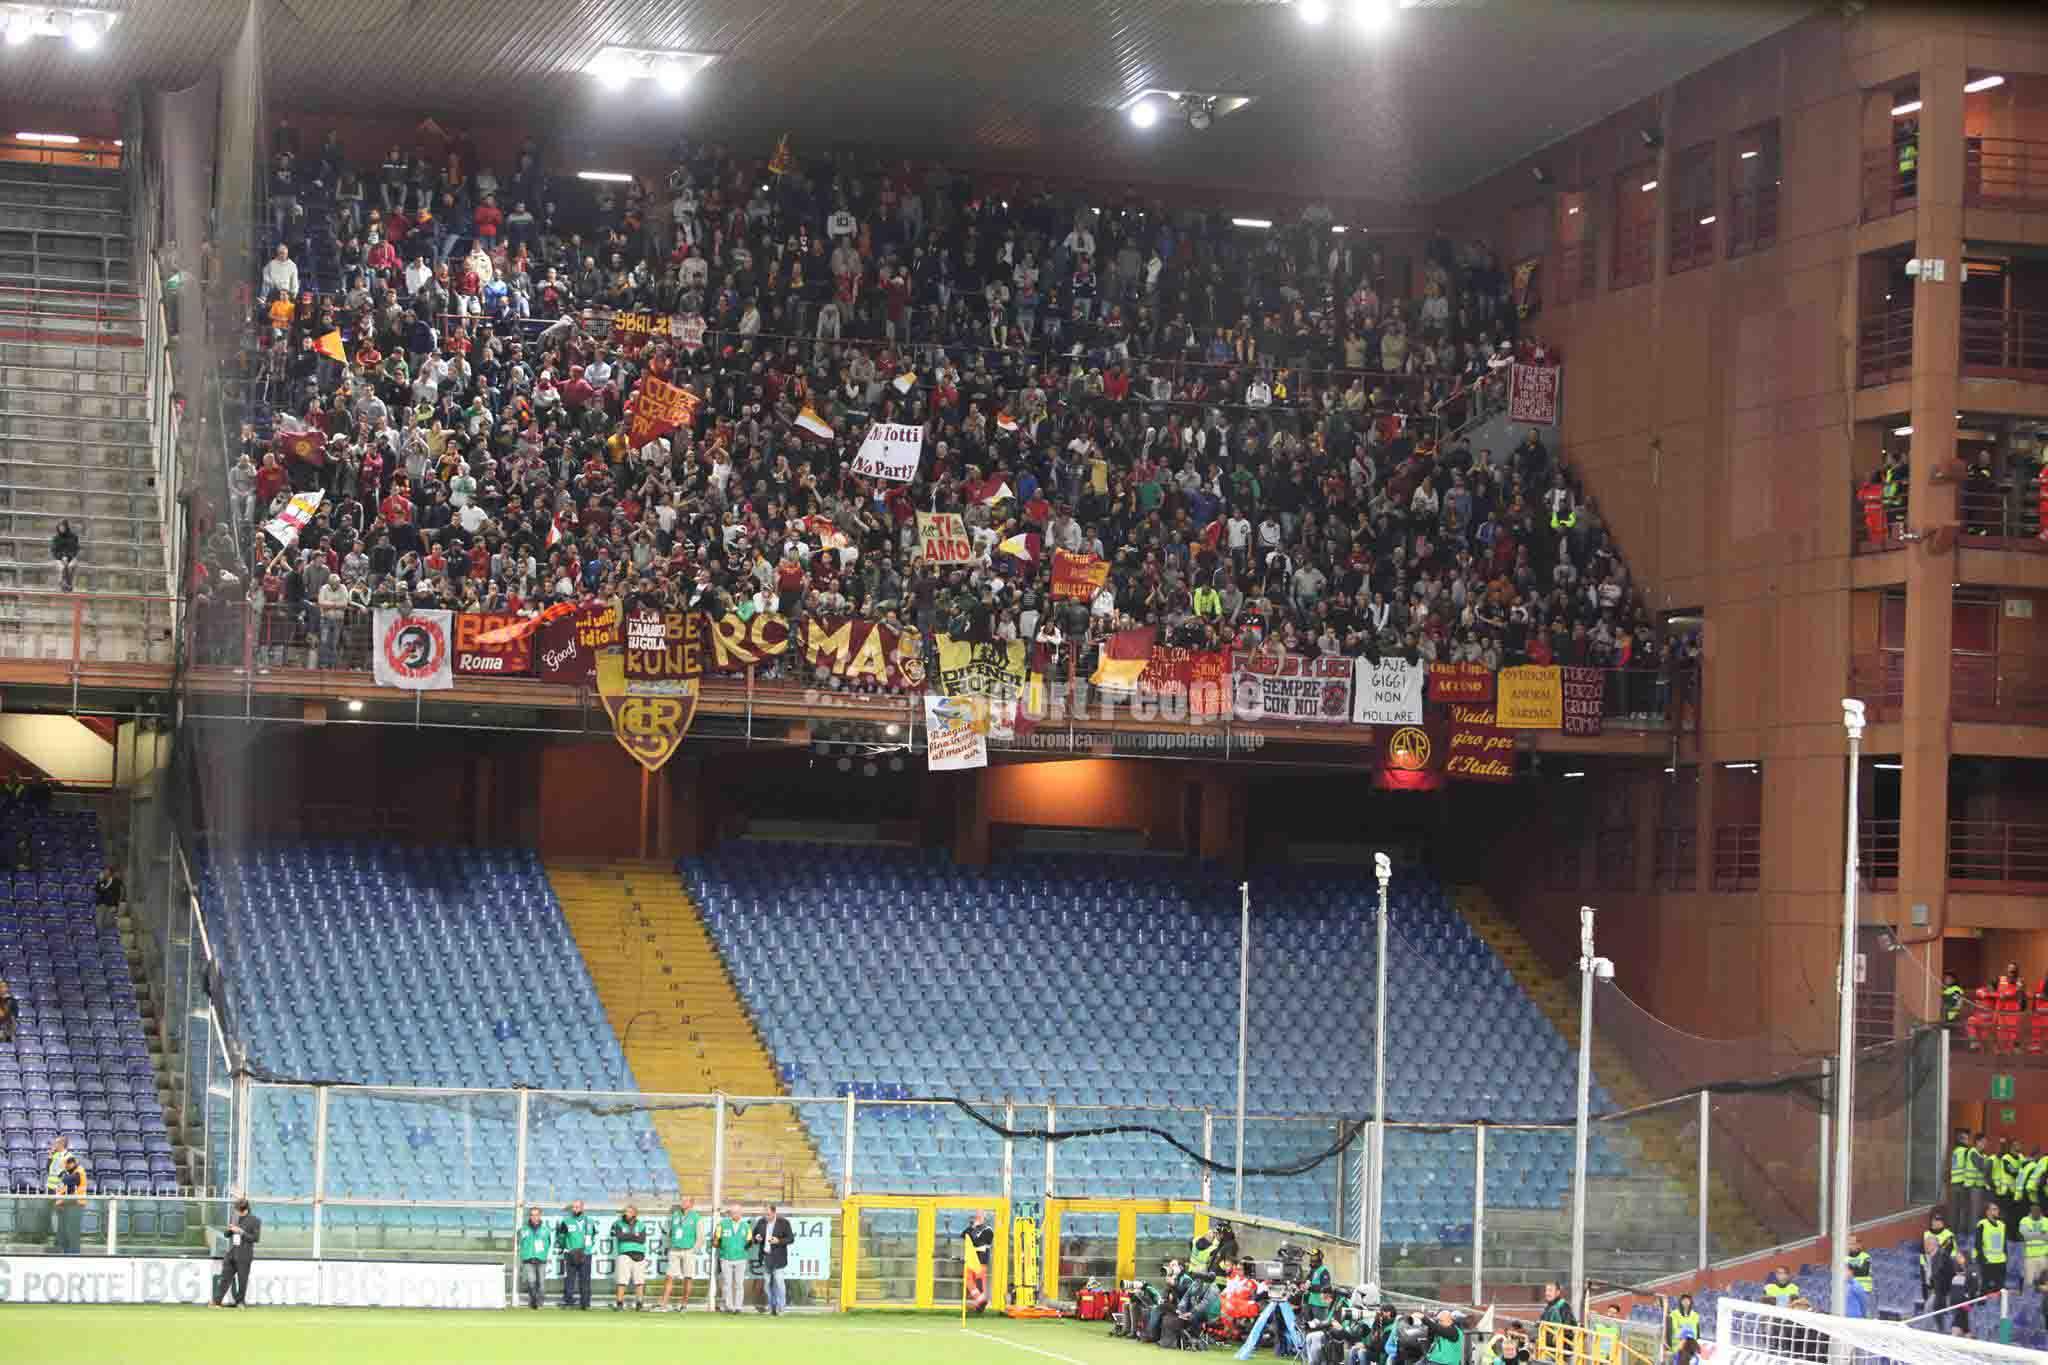 Amore di plastica sampdoria roma serie a sport people - A finestra carmen consoli testo ...